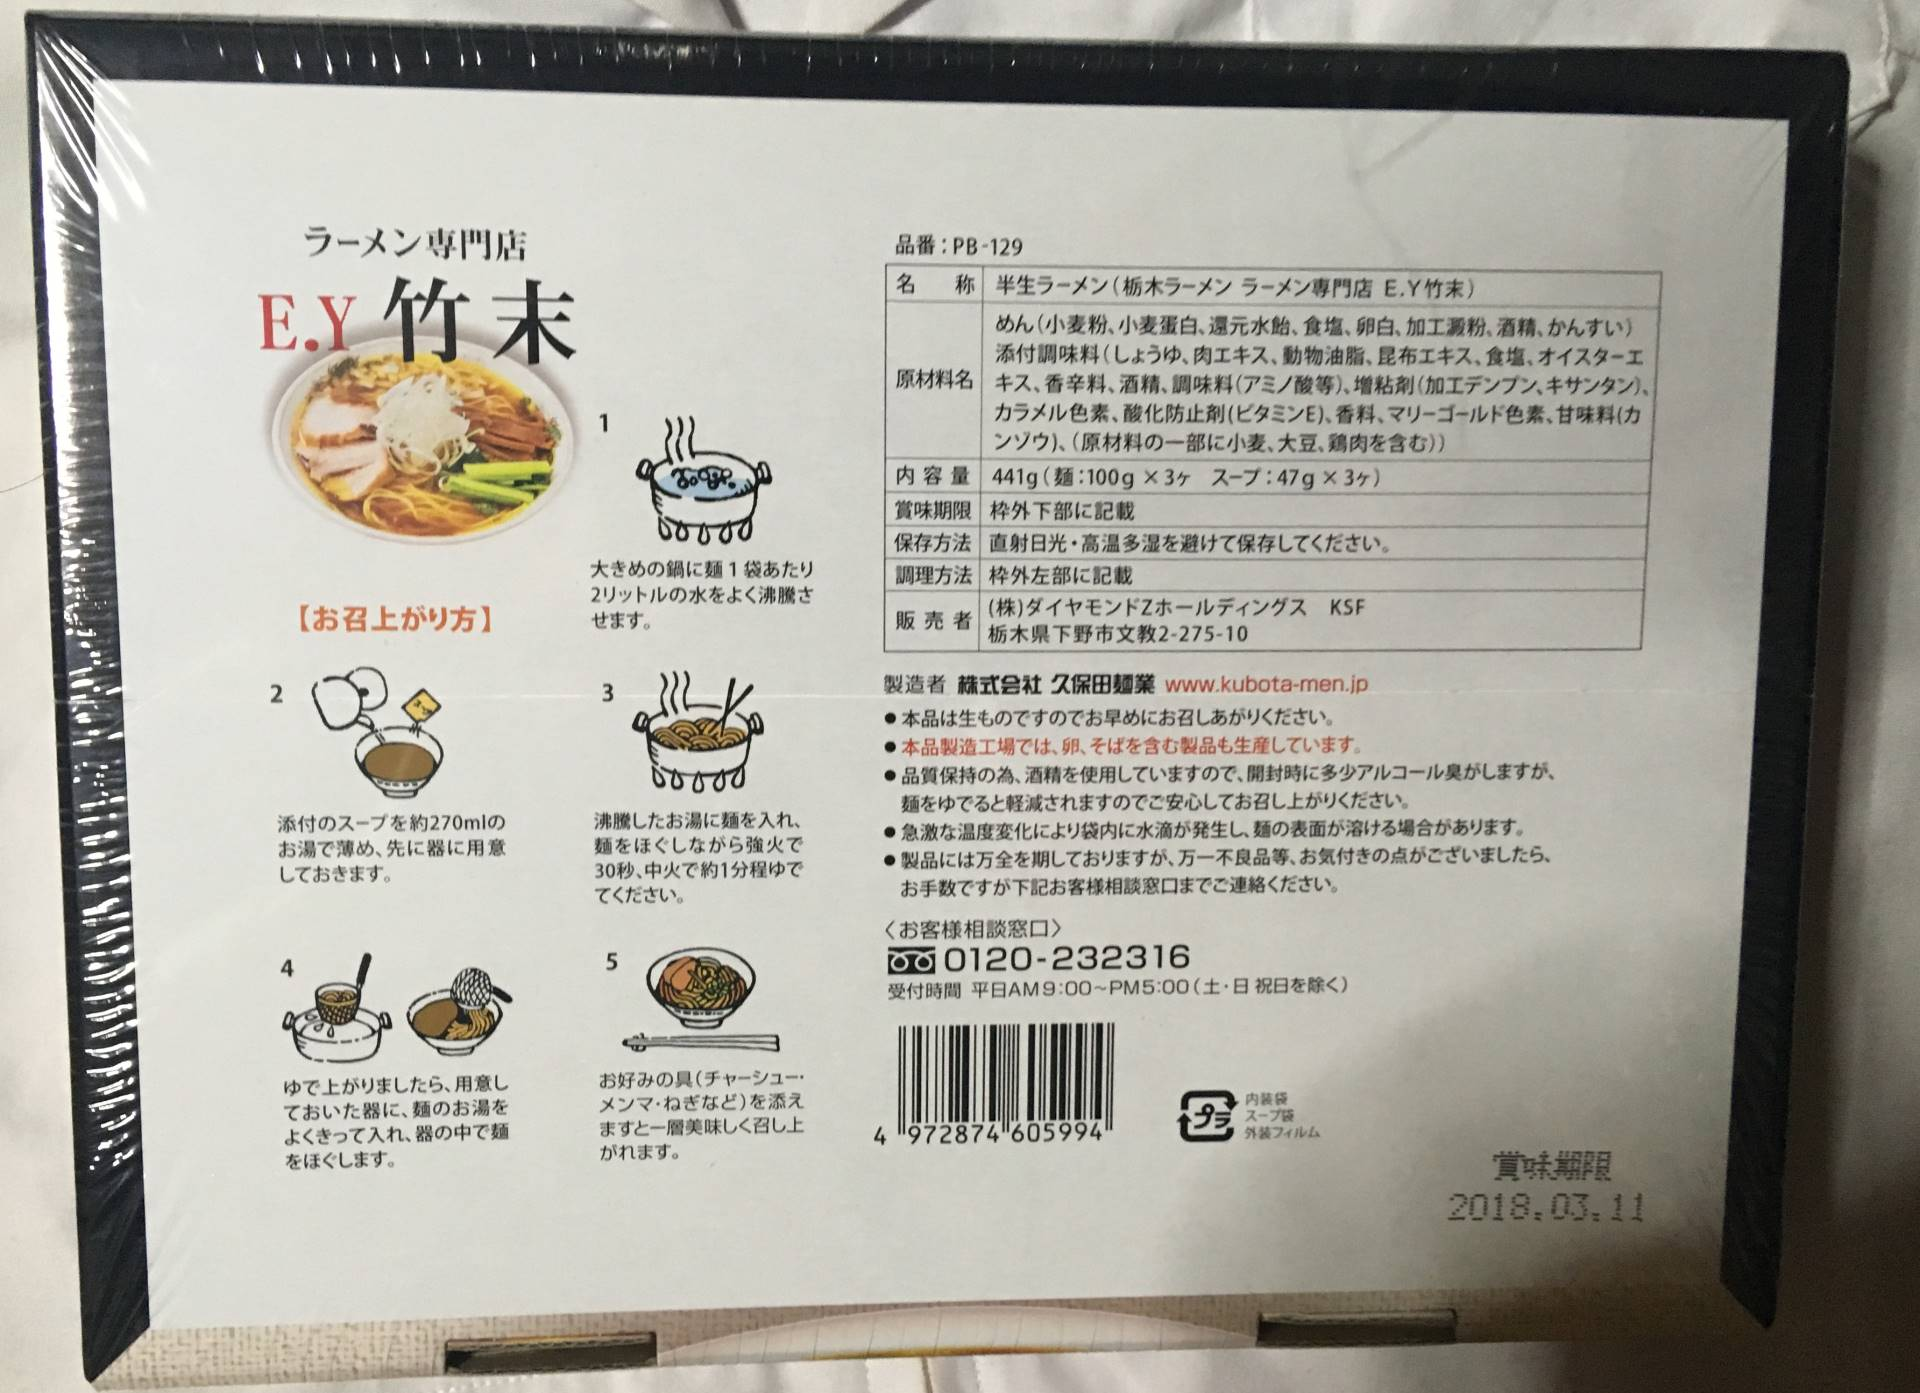 EY竹末 (竹末本店)の半生麺